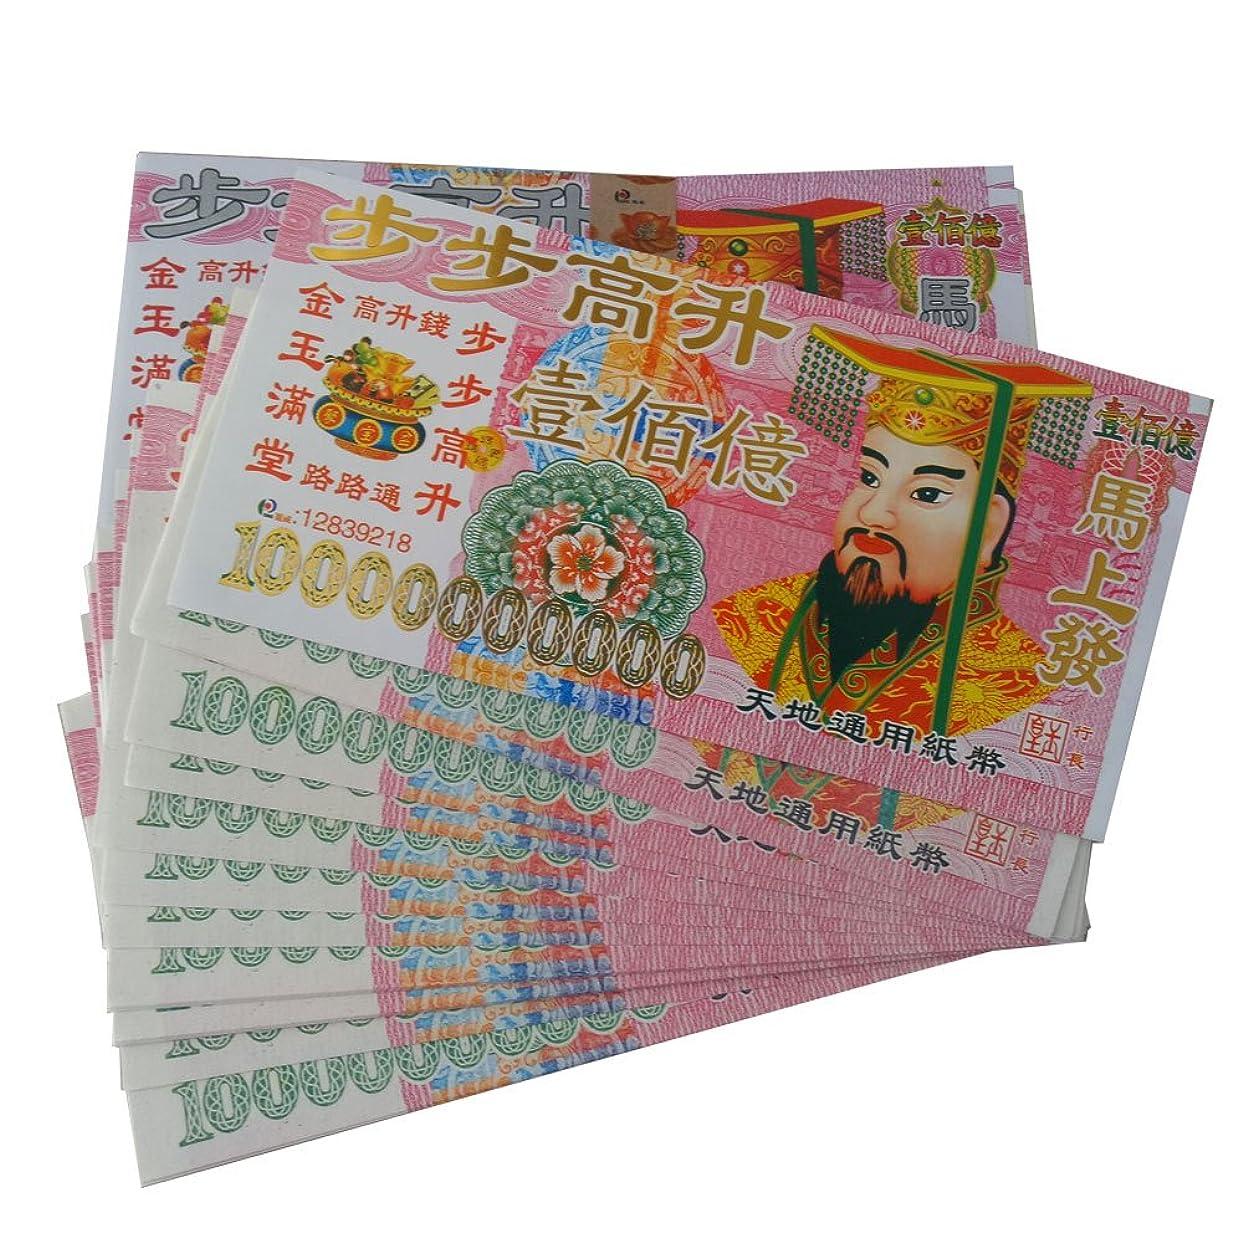 芸術東シミュレートするzeestar Chinese Joss Paper Money Hell Bank Note $ 10,000,000,000?9.8インチx 5.1インチ(パックof 120?)